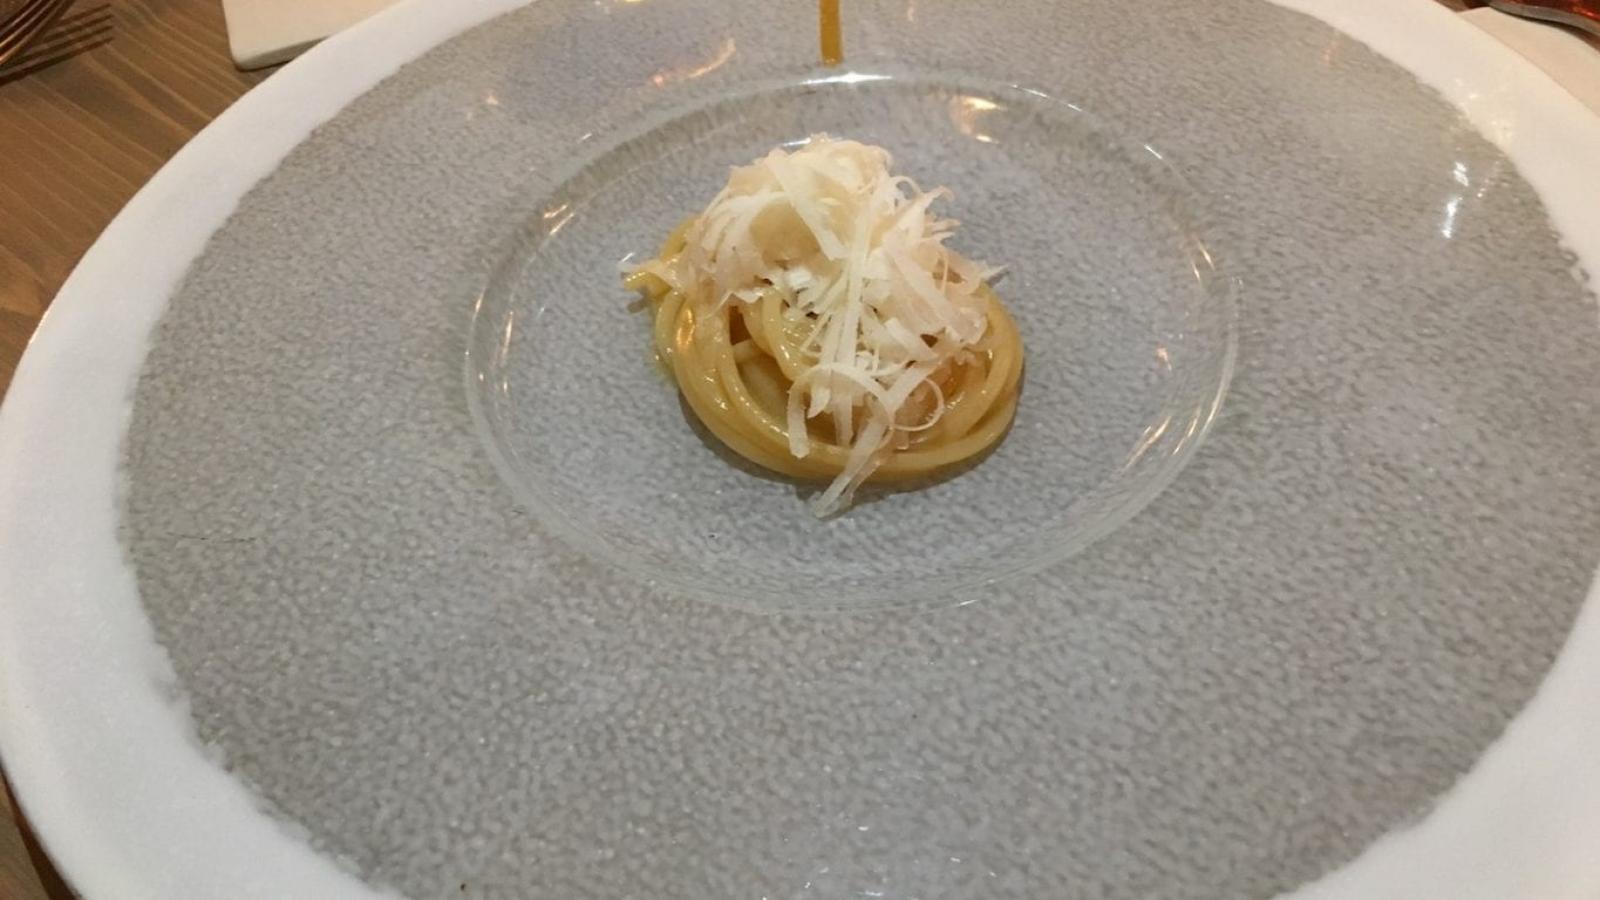 Spaghetto mantecato al burro di genziana, caciotta di capra, scorzetta di bergamotto candito di Gorini a Dagorini-min